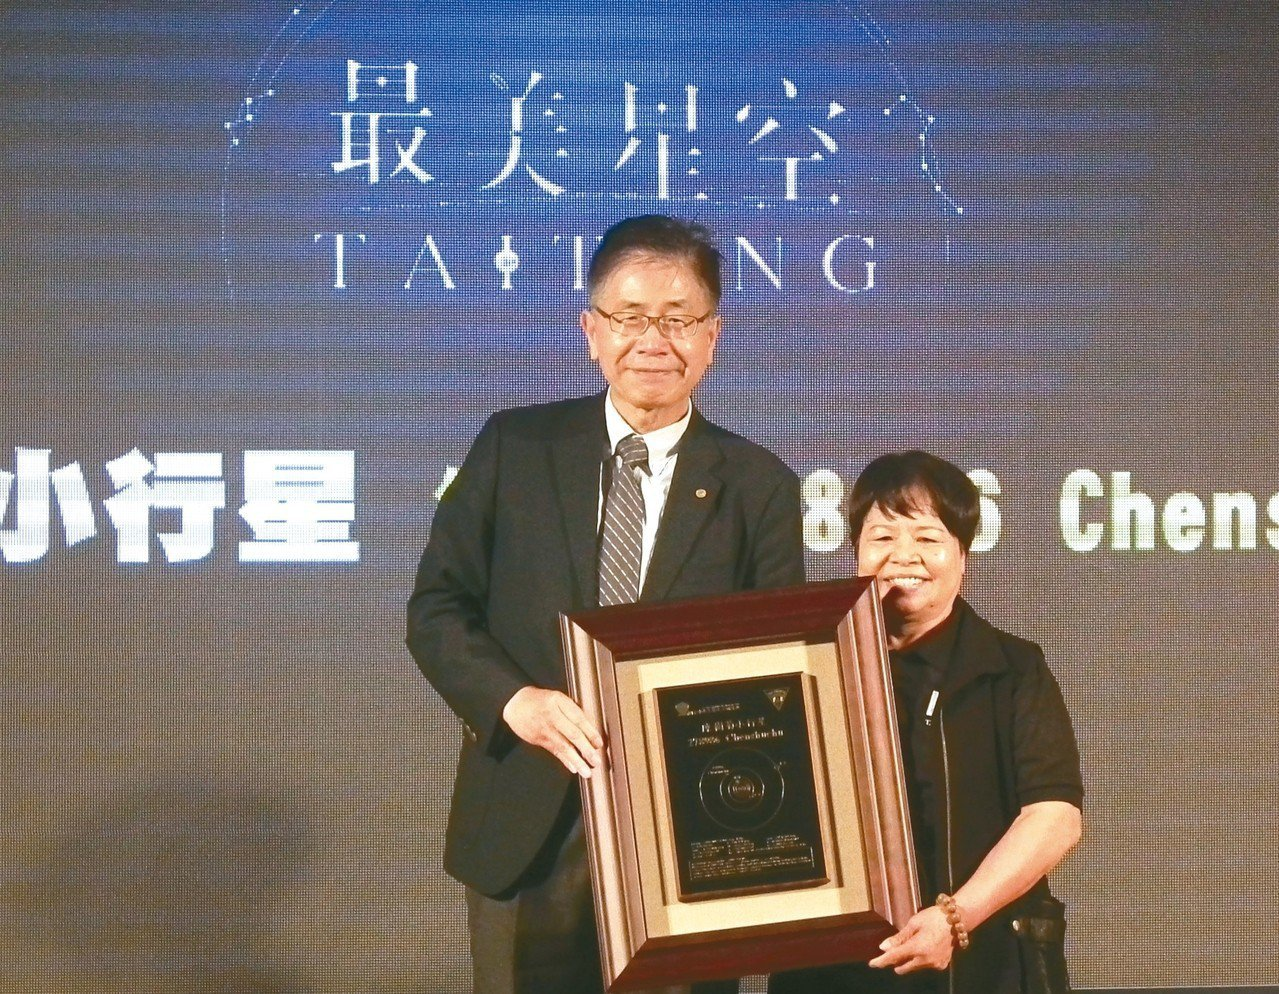 今天由國立中央大學校長周景揚(左)頒贈證書給陳樹菊(右)。 記者尤聰光/攝影